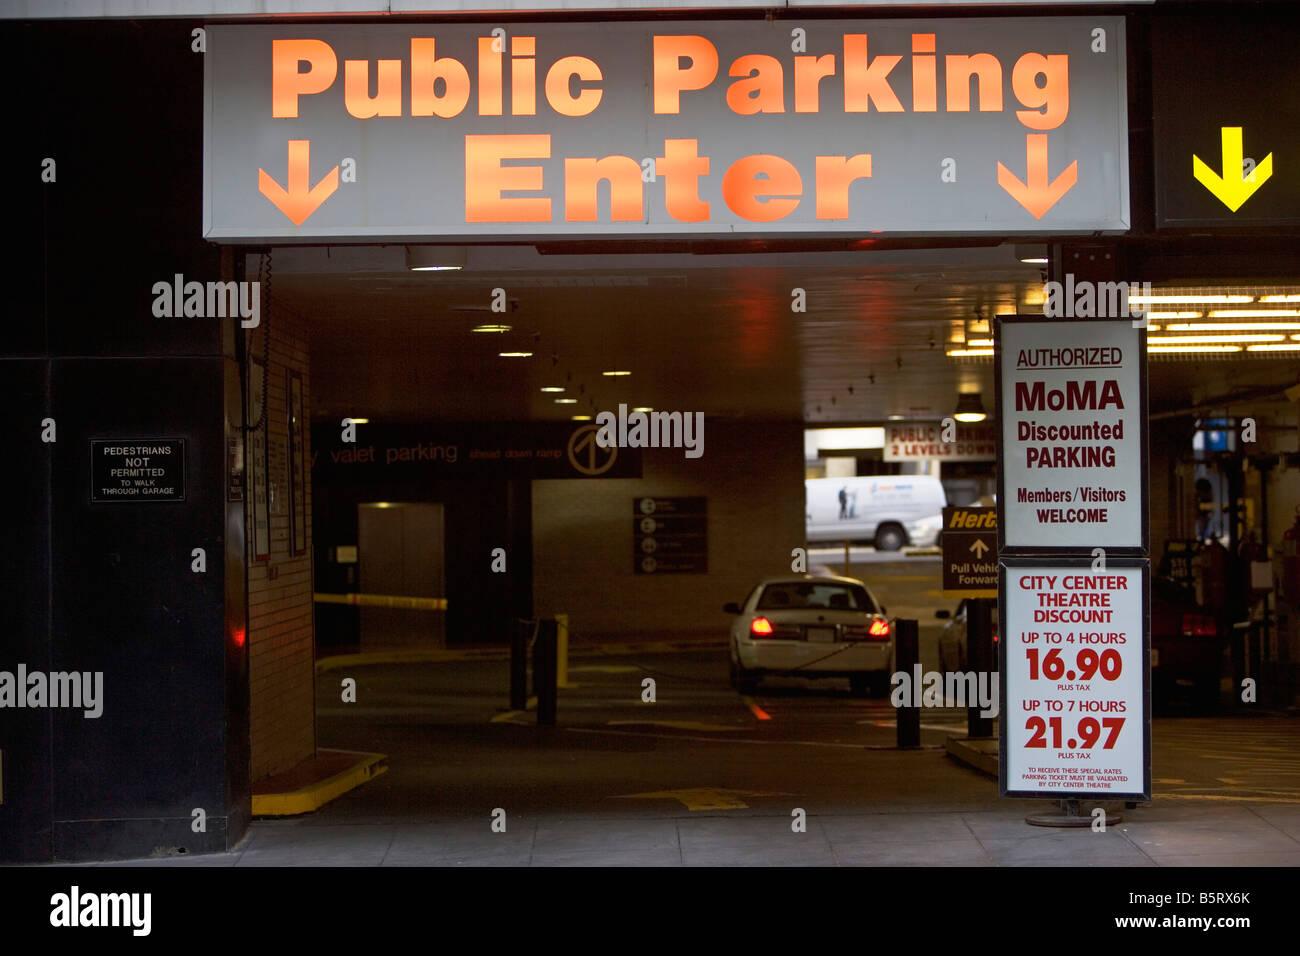 CARS, GARAGE, LOT, LEVELS, EXPENSIVE, SAFE, SECURE, PARKING GARAGE - Stock Image